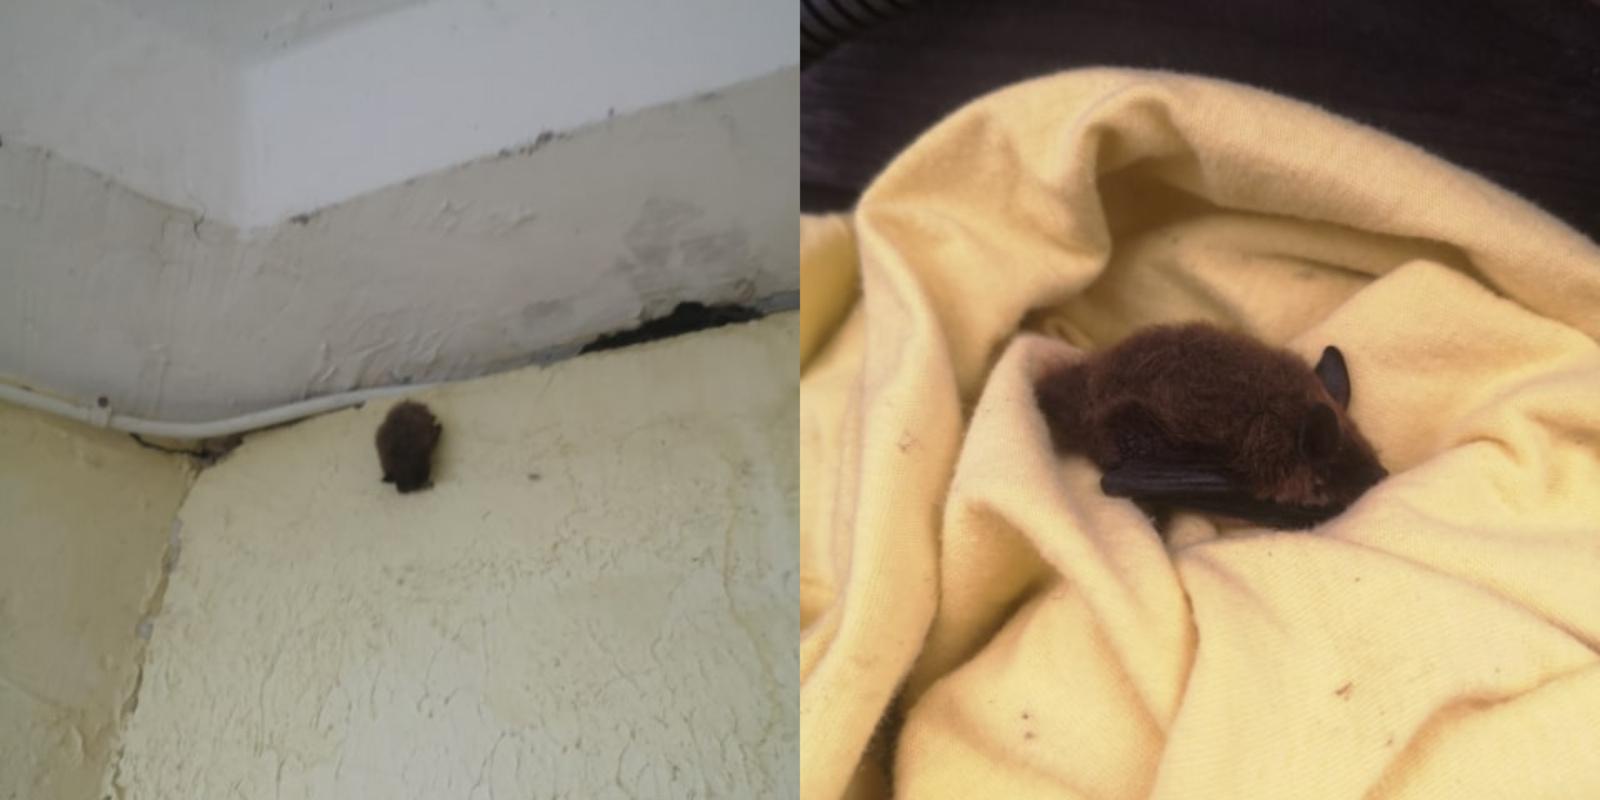 Daugiabučio gyventojai sunerimo dėl šikšnosparnio: baiminosi, kad šis gali nešioti koronavirusą